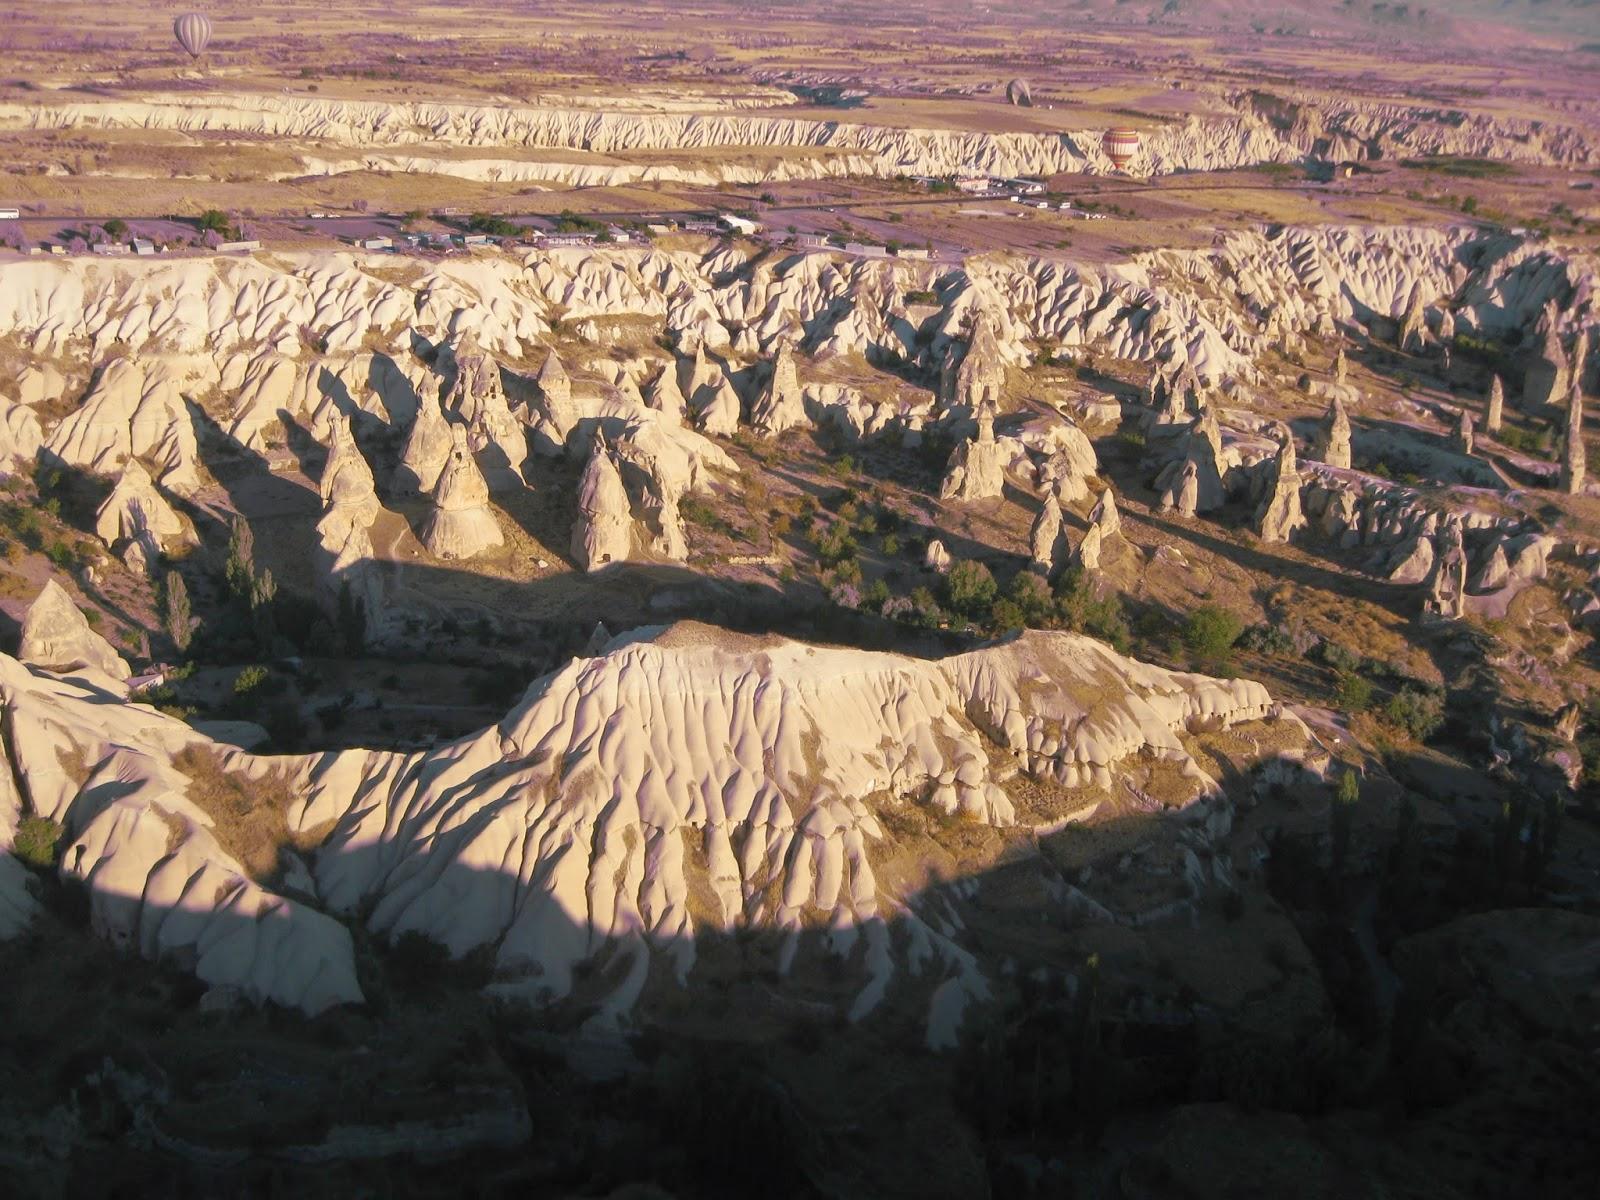 Cappadocia - Viewing rock formations